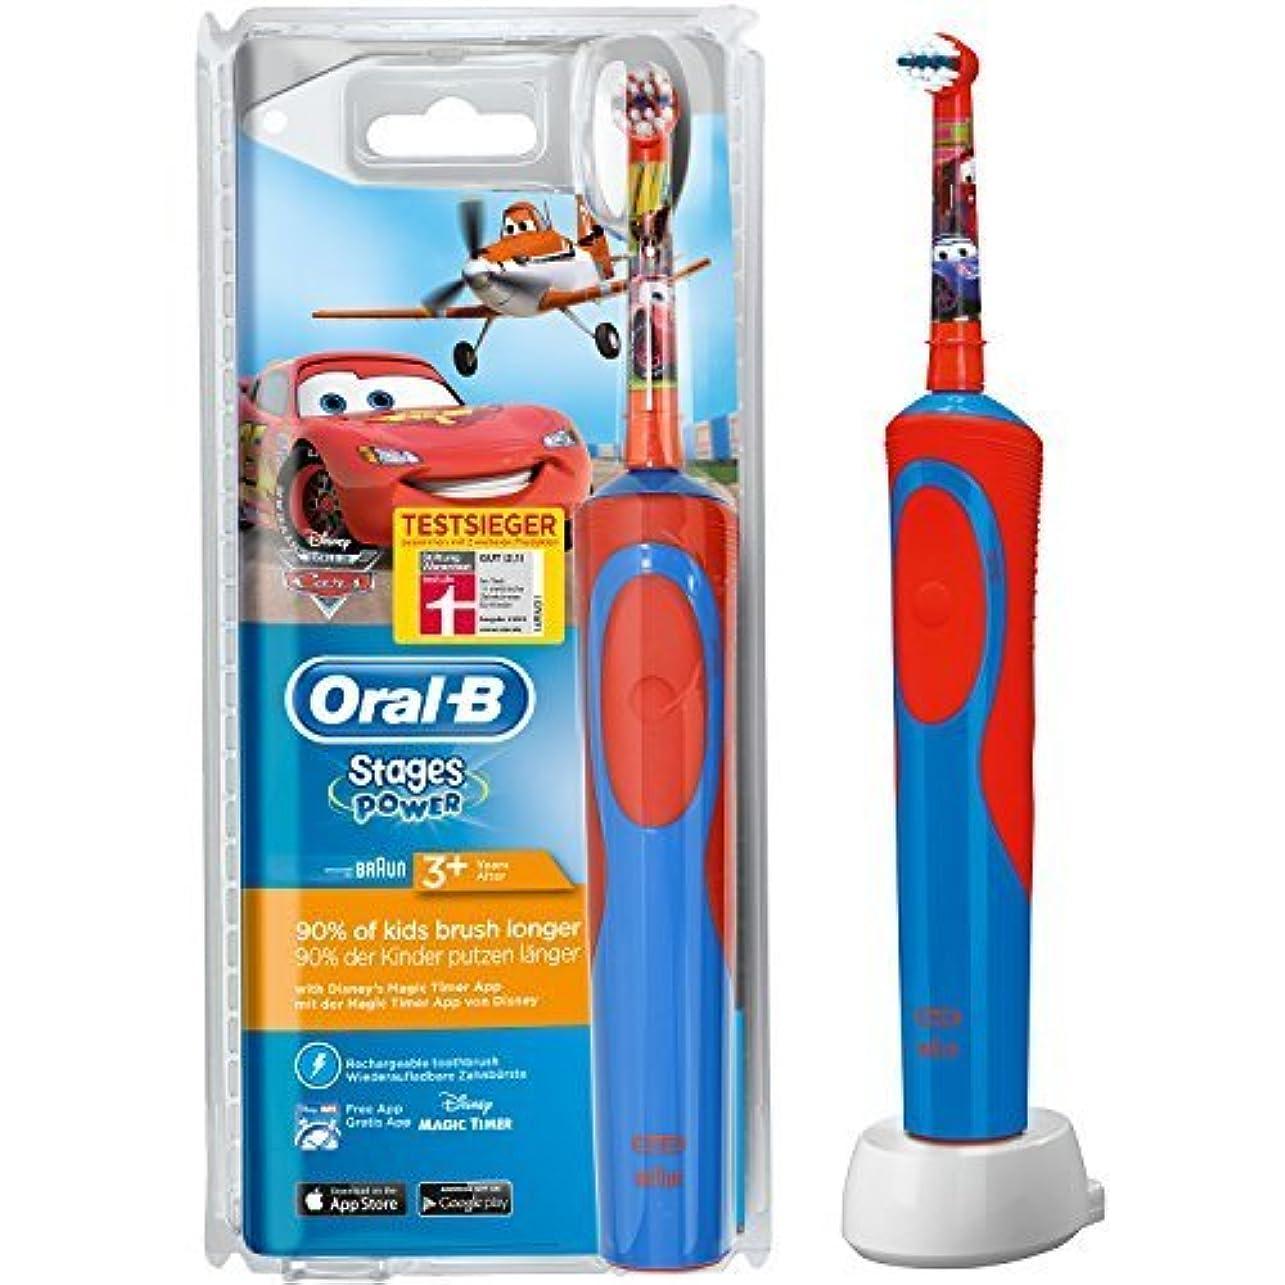 はねかける雪わざわざOral-B Stages Power Cars Children's Electric Toothbrush with Timer by Oral-B [並行輸入品]